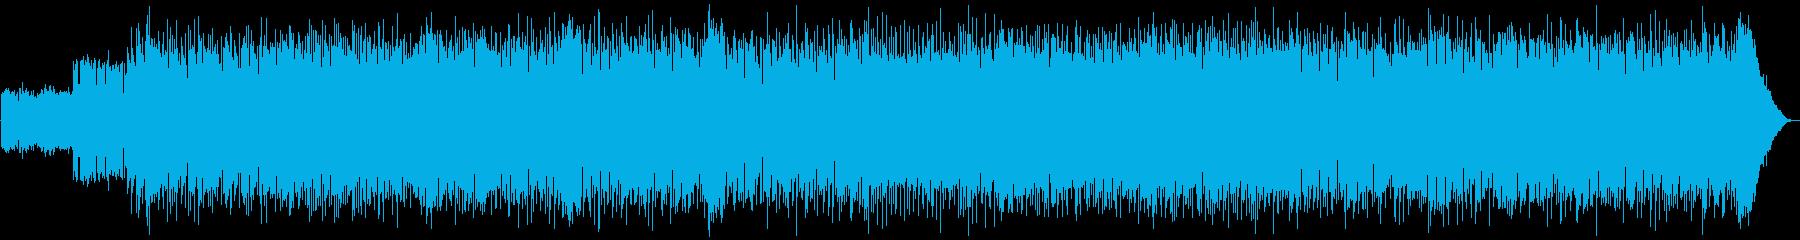 元気がでる80年代ロックBGMの再生済みの波形